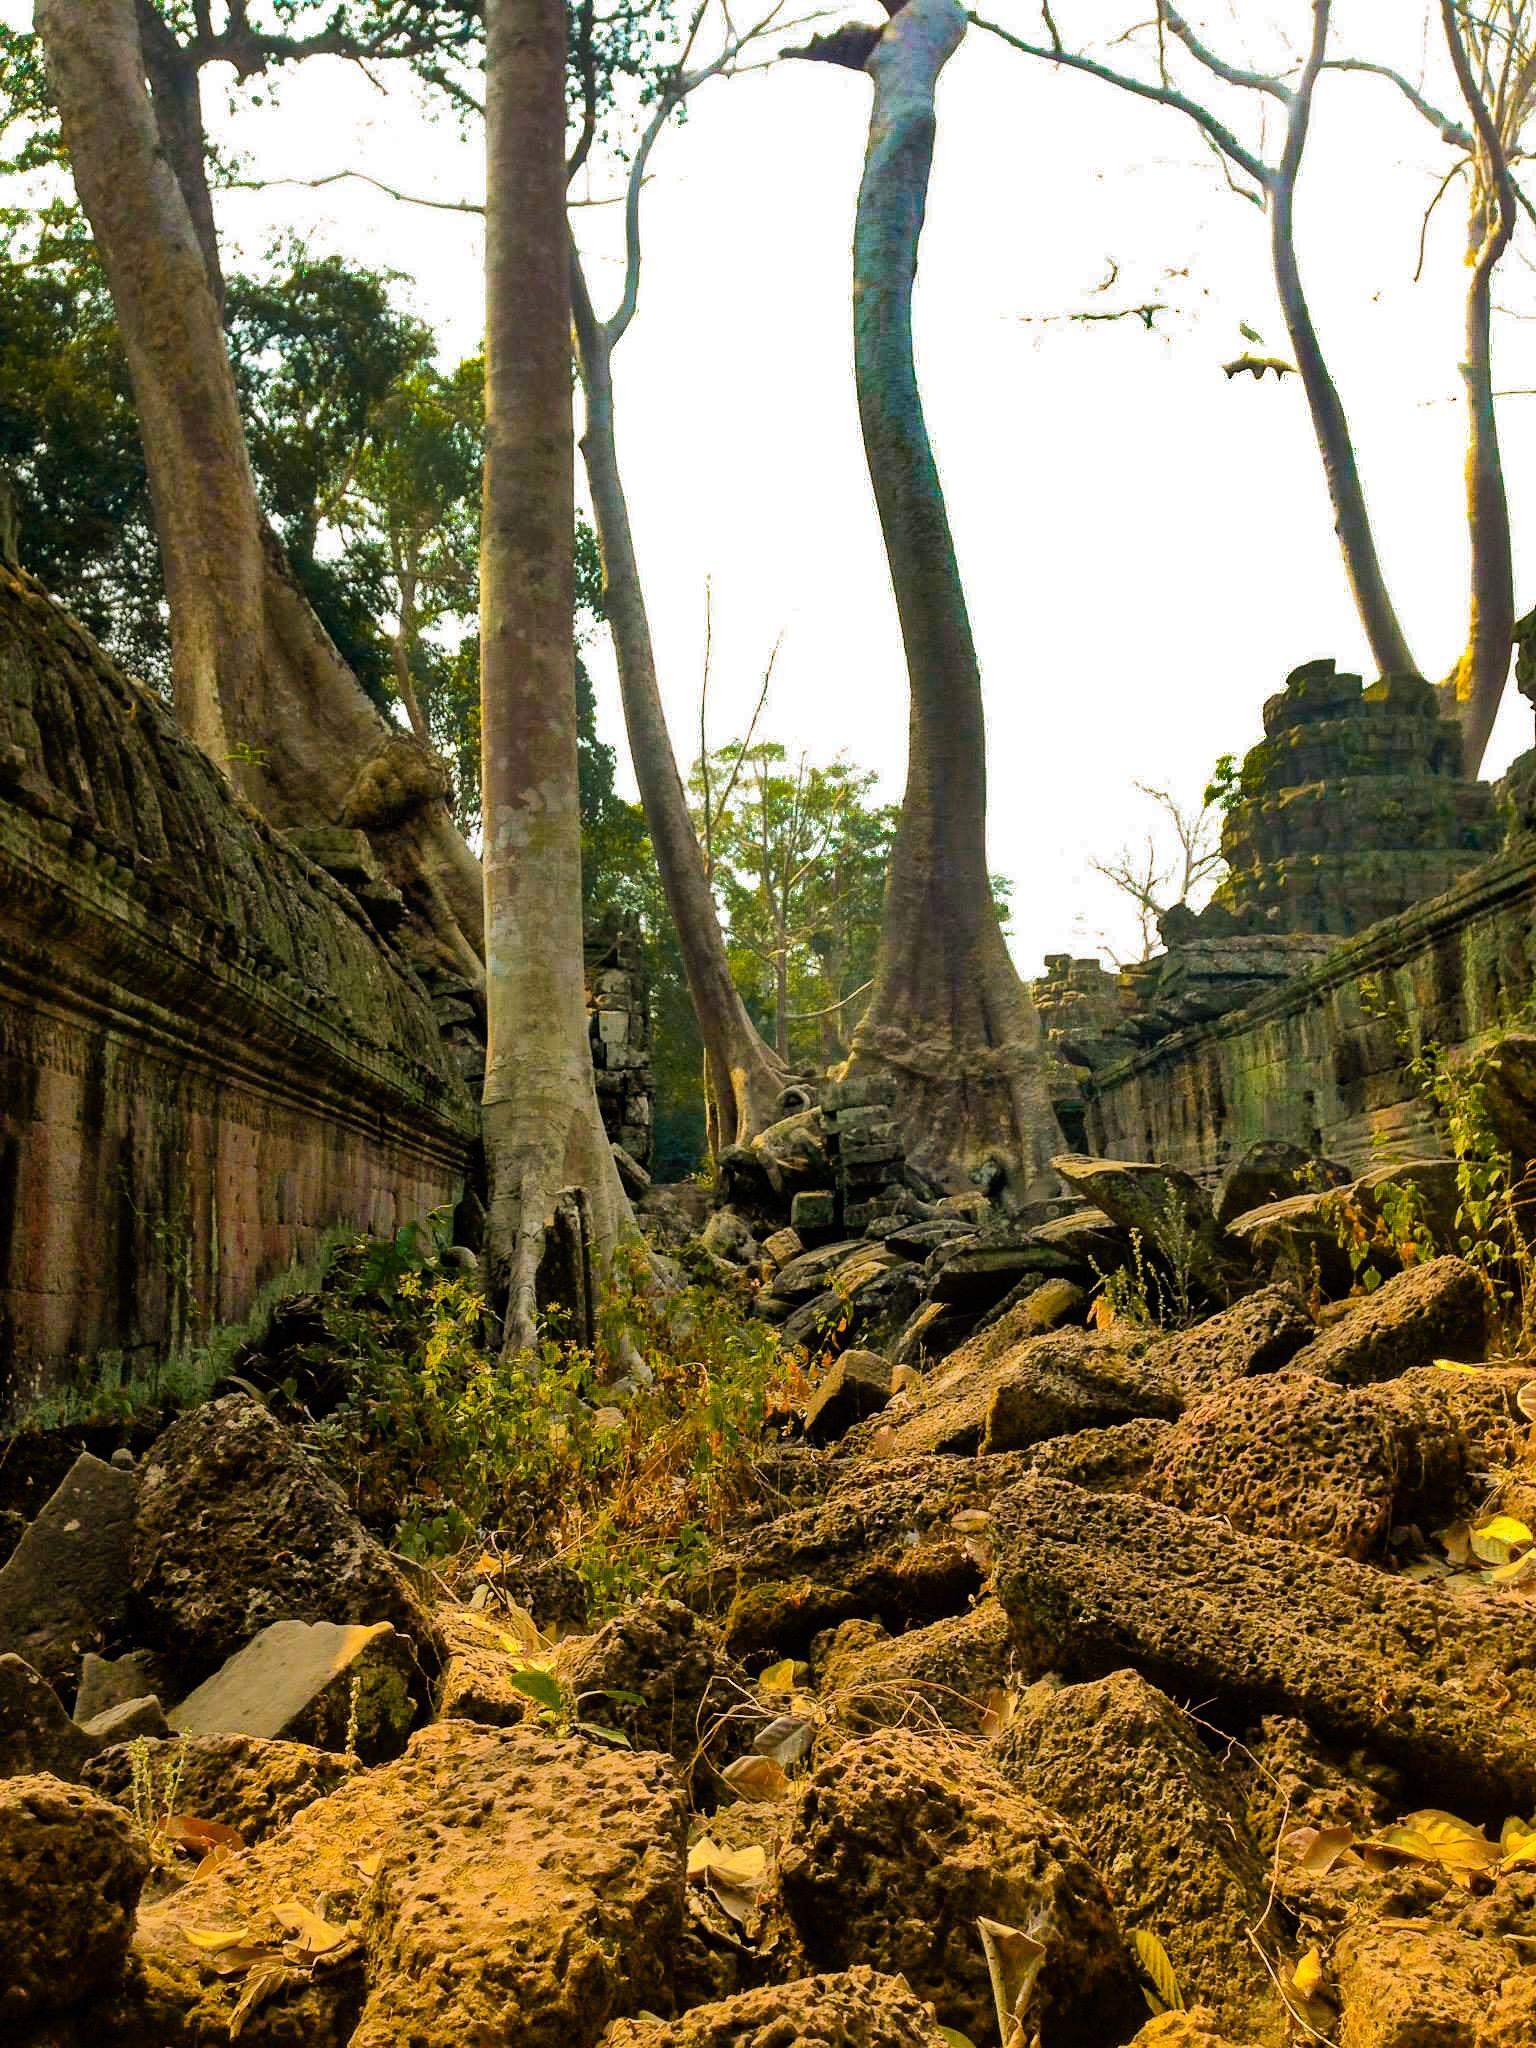 Photograph taken at Angkor Wat, north of Siem Reap, Cambodia.  #VisitHumanity #Photography #AngkorWat #SiemReap #Cambodia